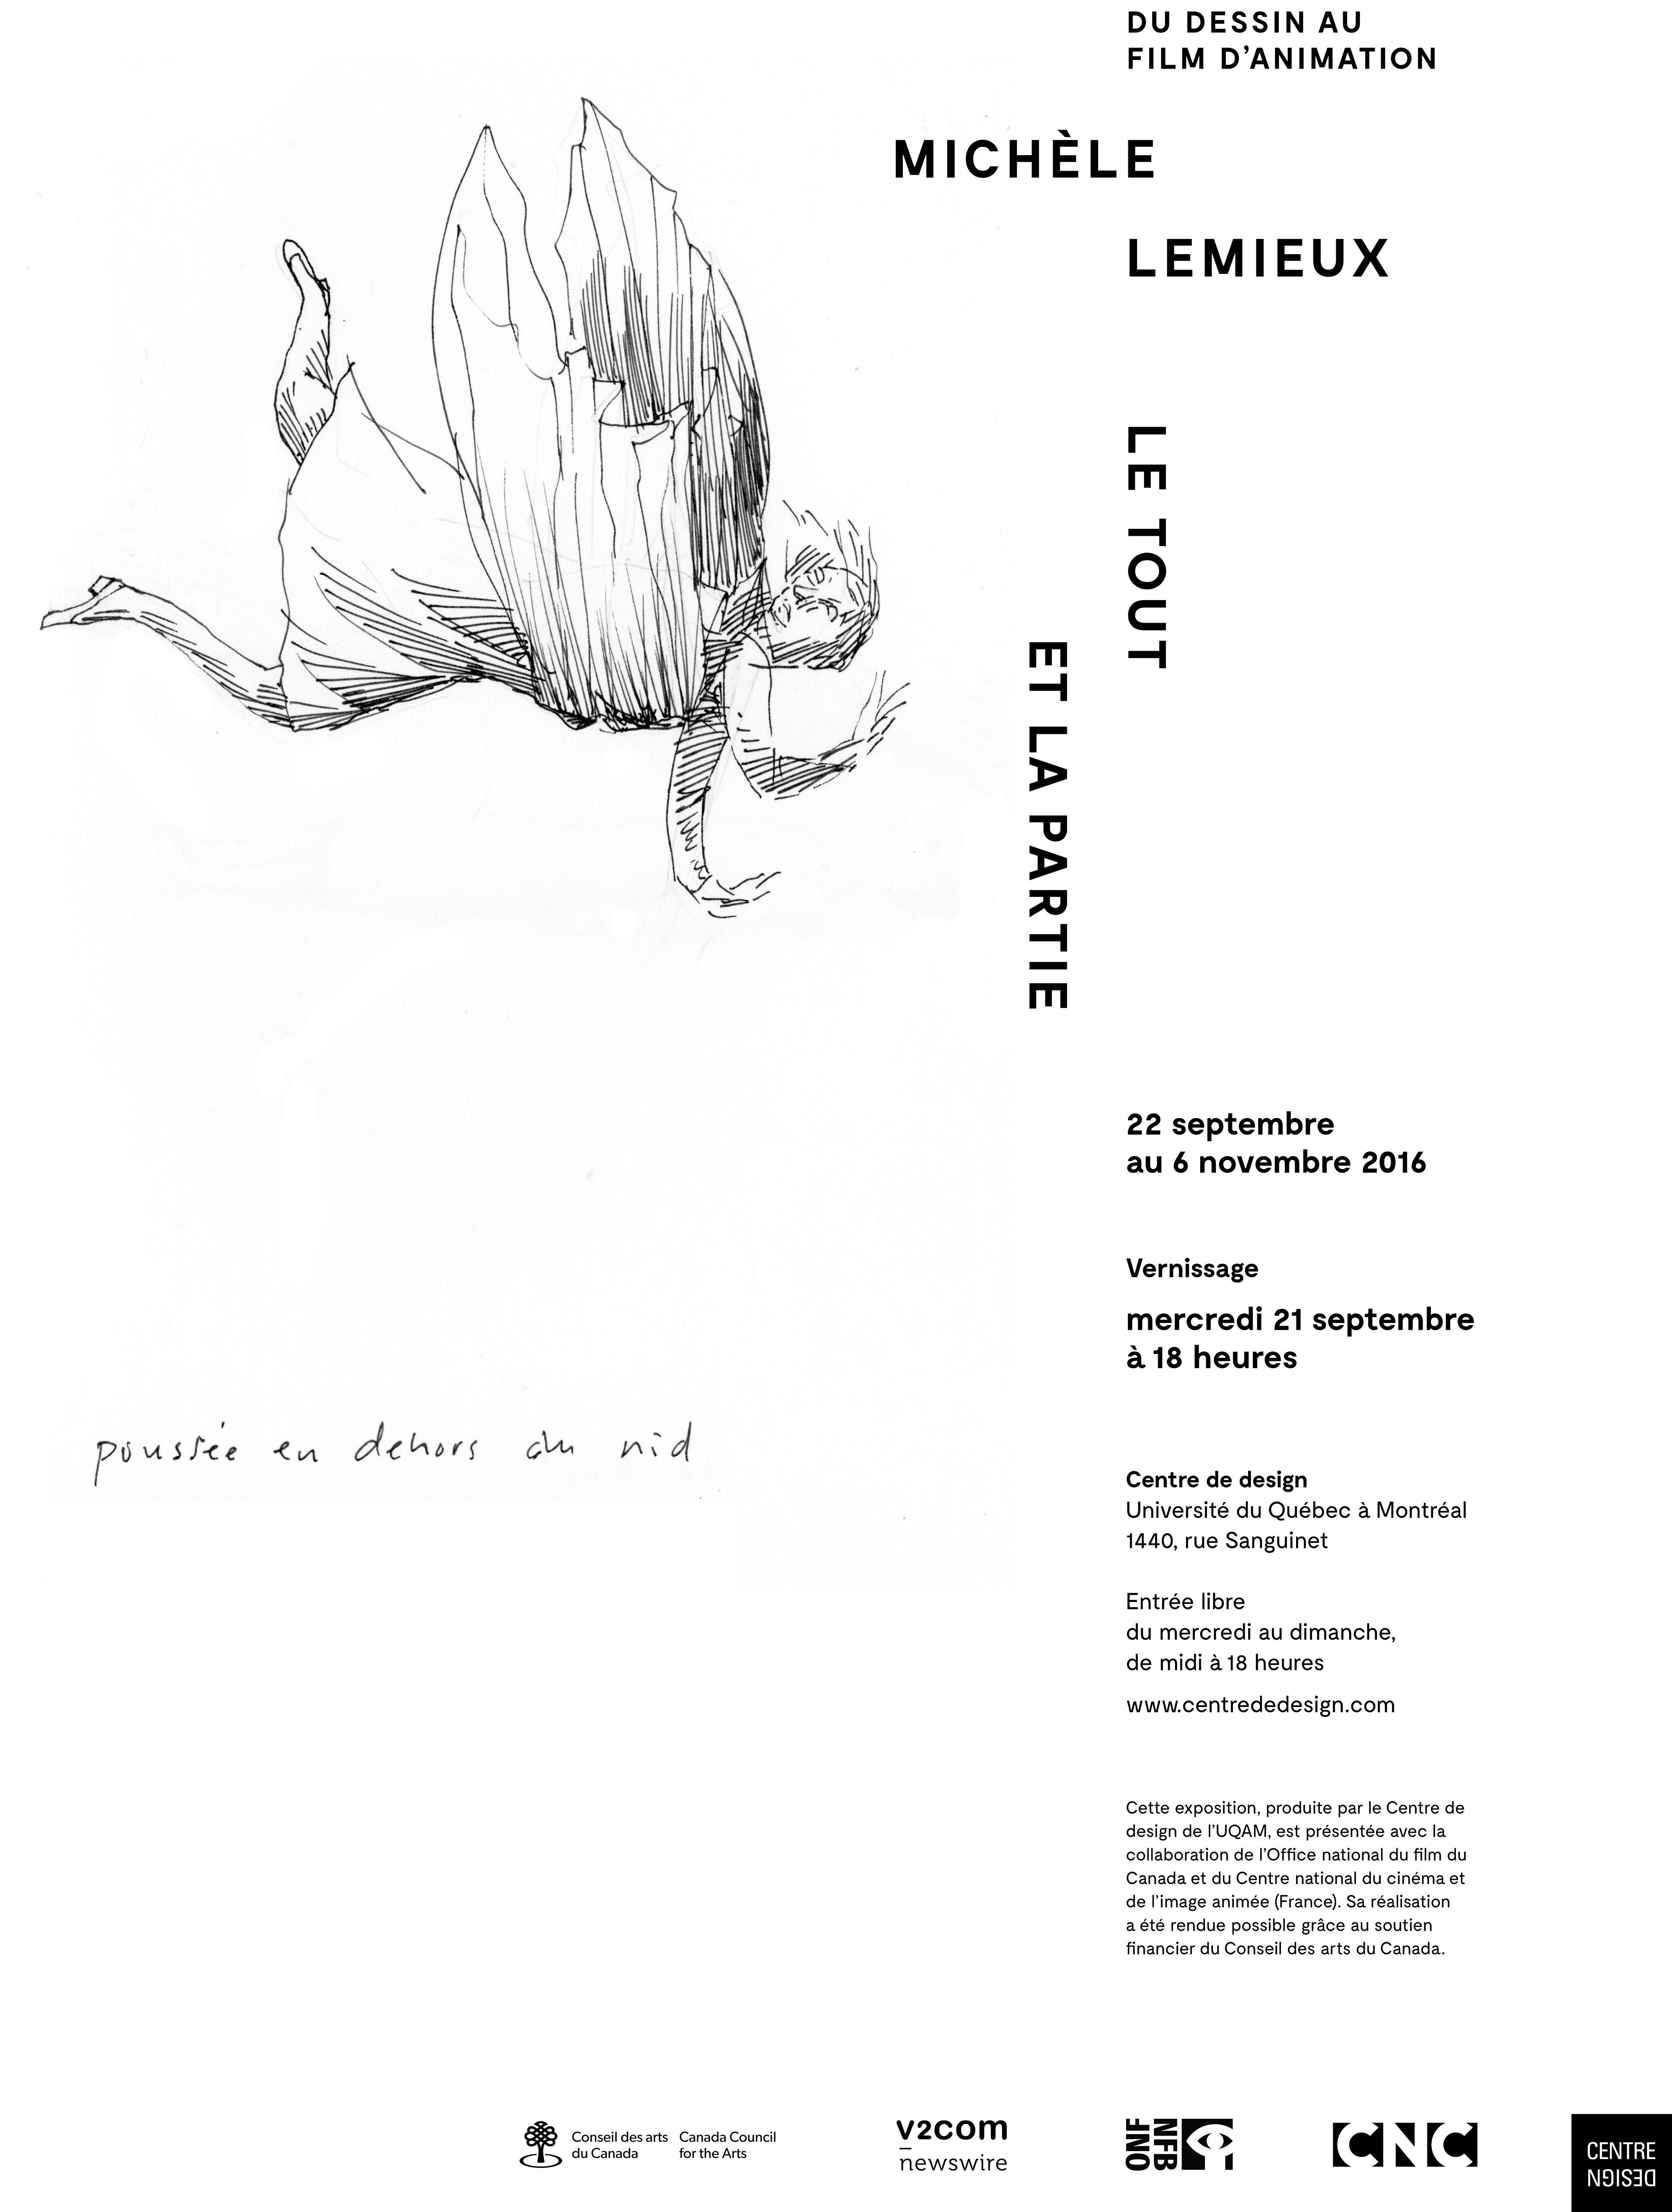 2016 - Exposition - Le tout et la partie Michèle Lemieux du dessin au film d'animation_ Version B